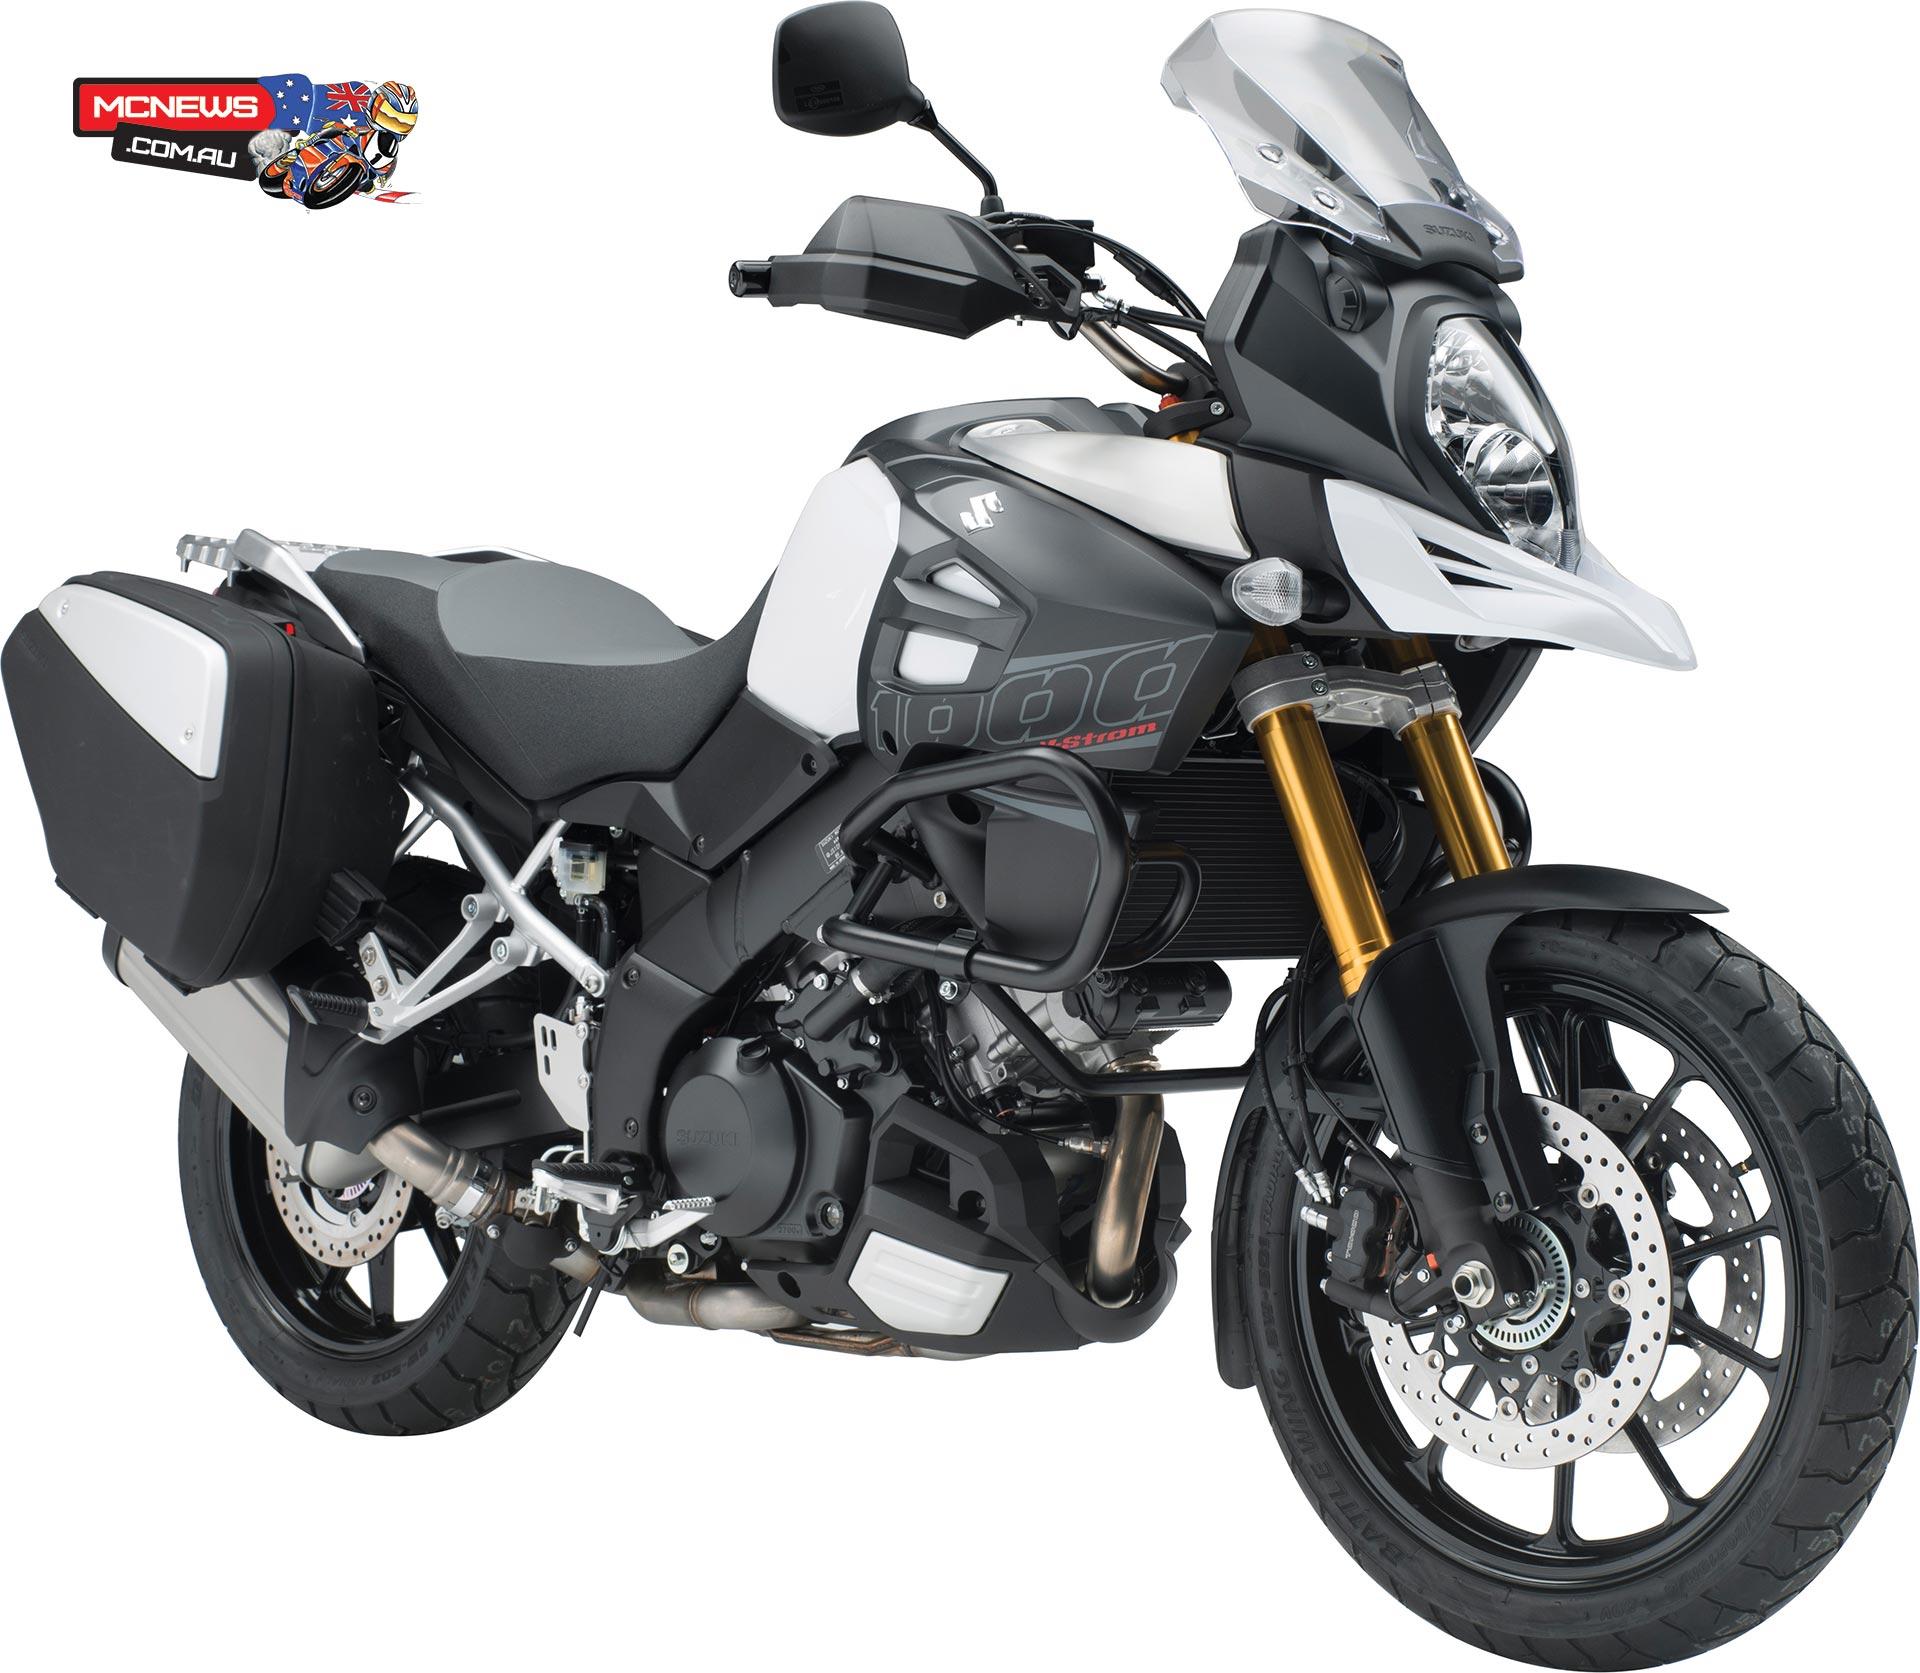 Suzuki DL1000 Accessory Packs